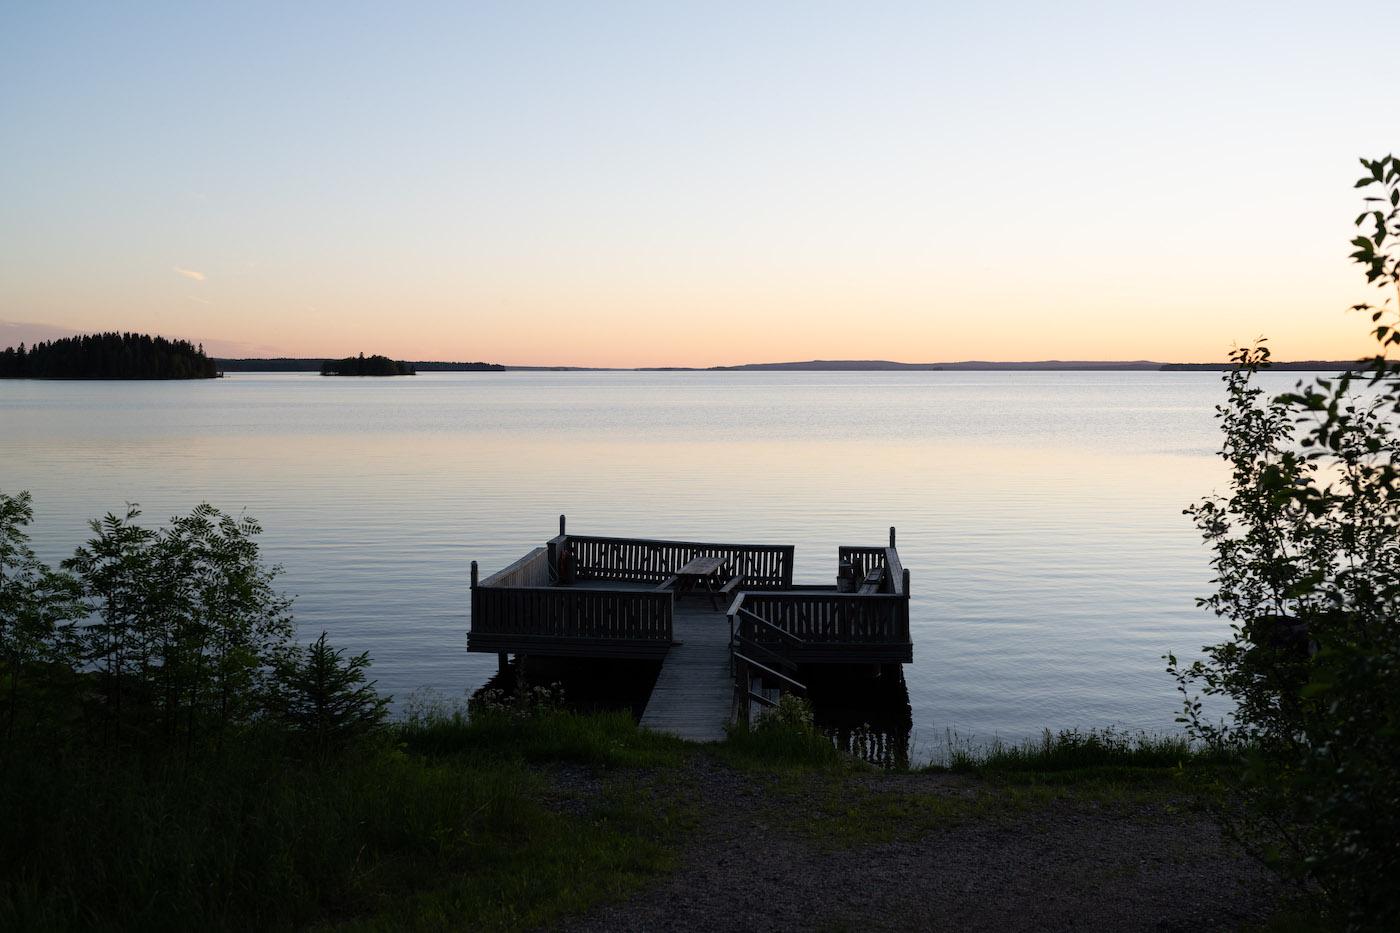 Finland vakantie vuokatti hepokongas